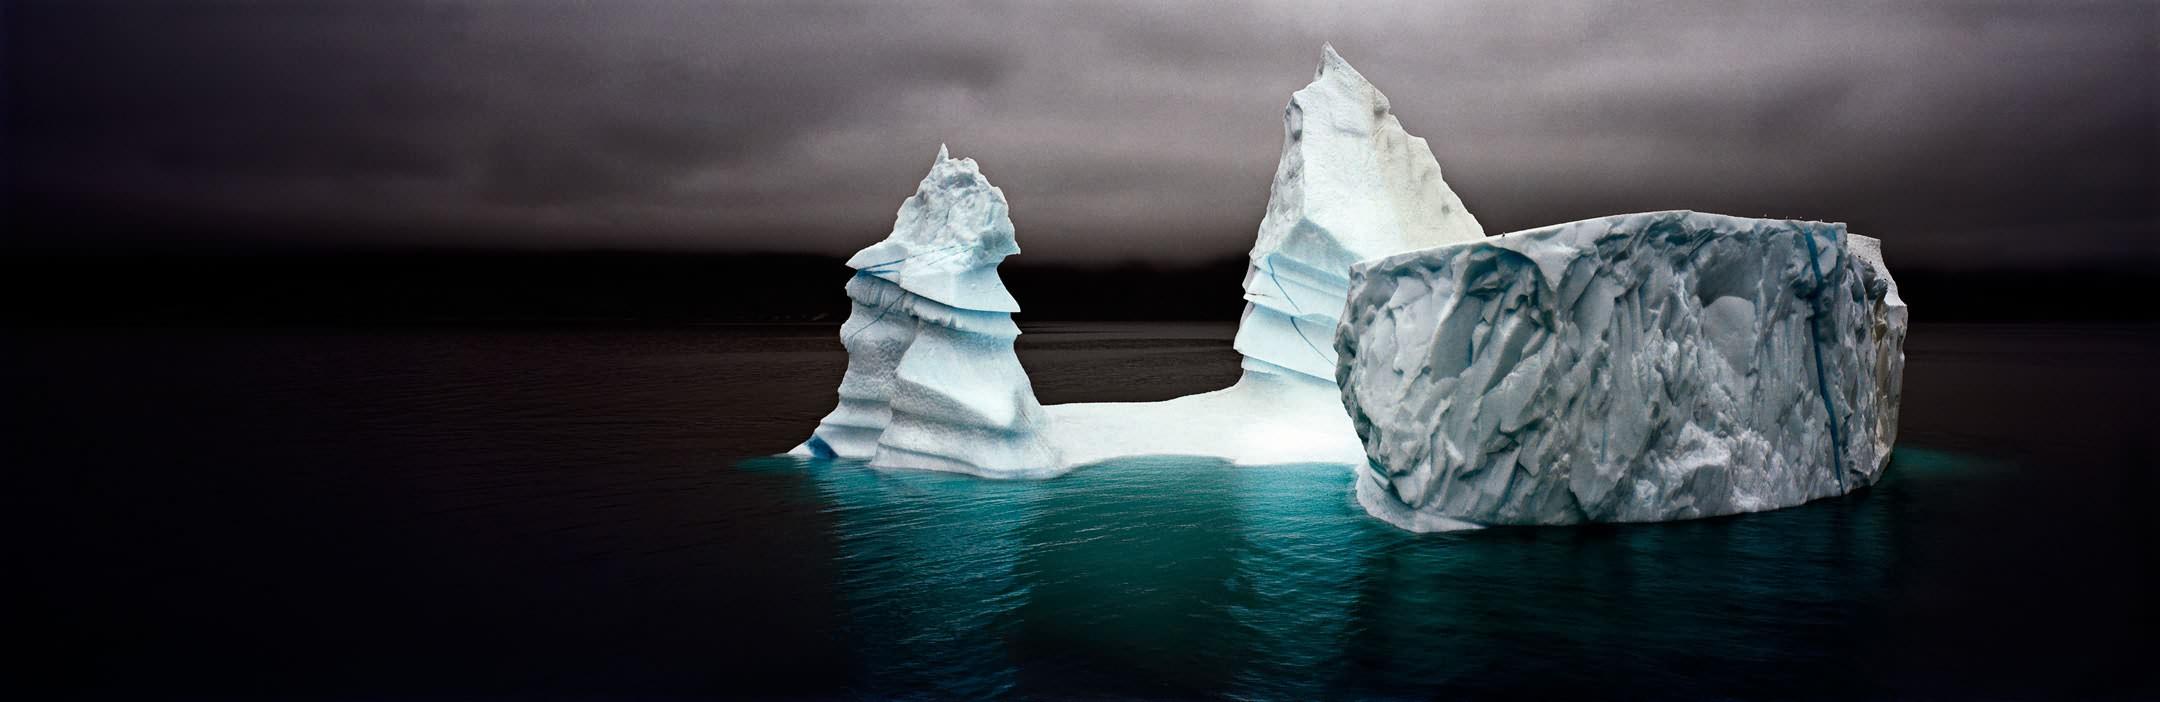 [世界] 将消亡的世界 卡米尔希曼-最后的冰山